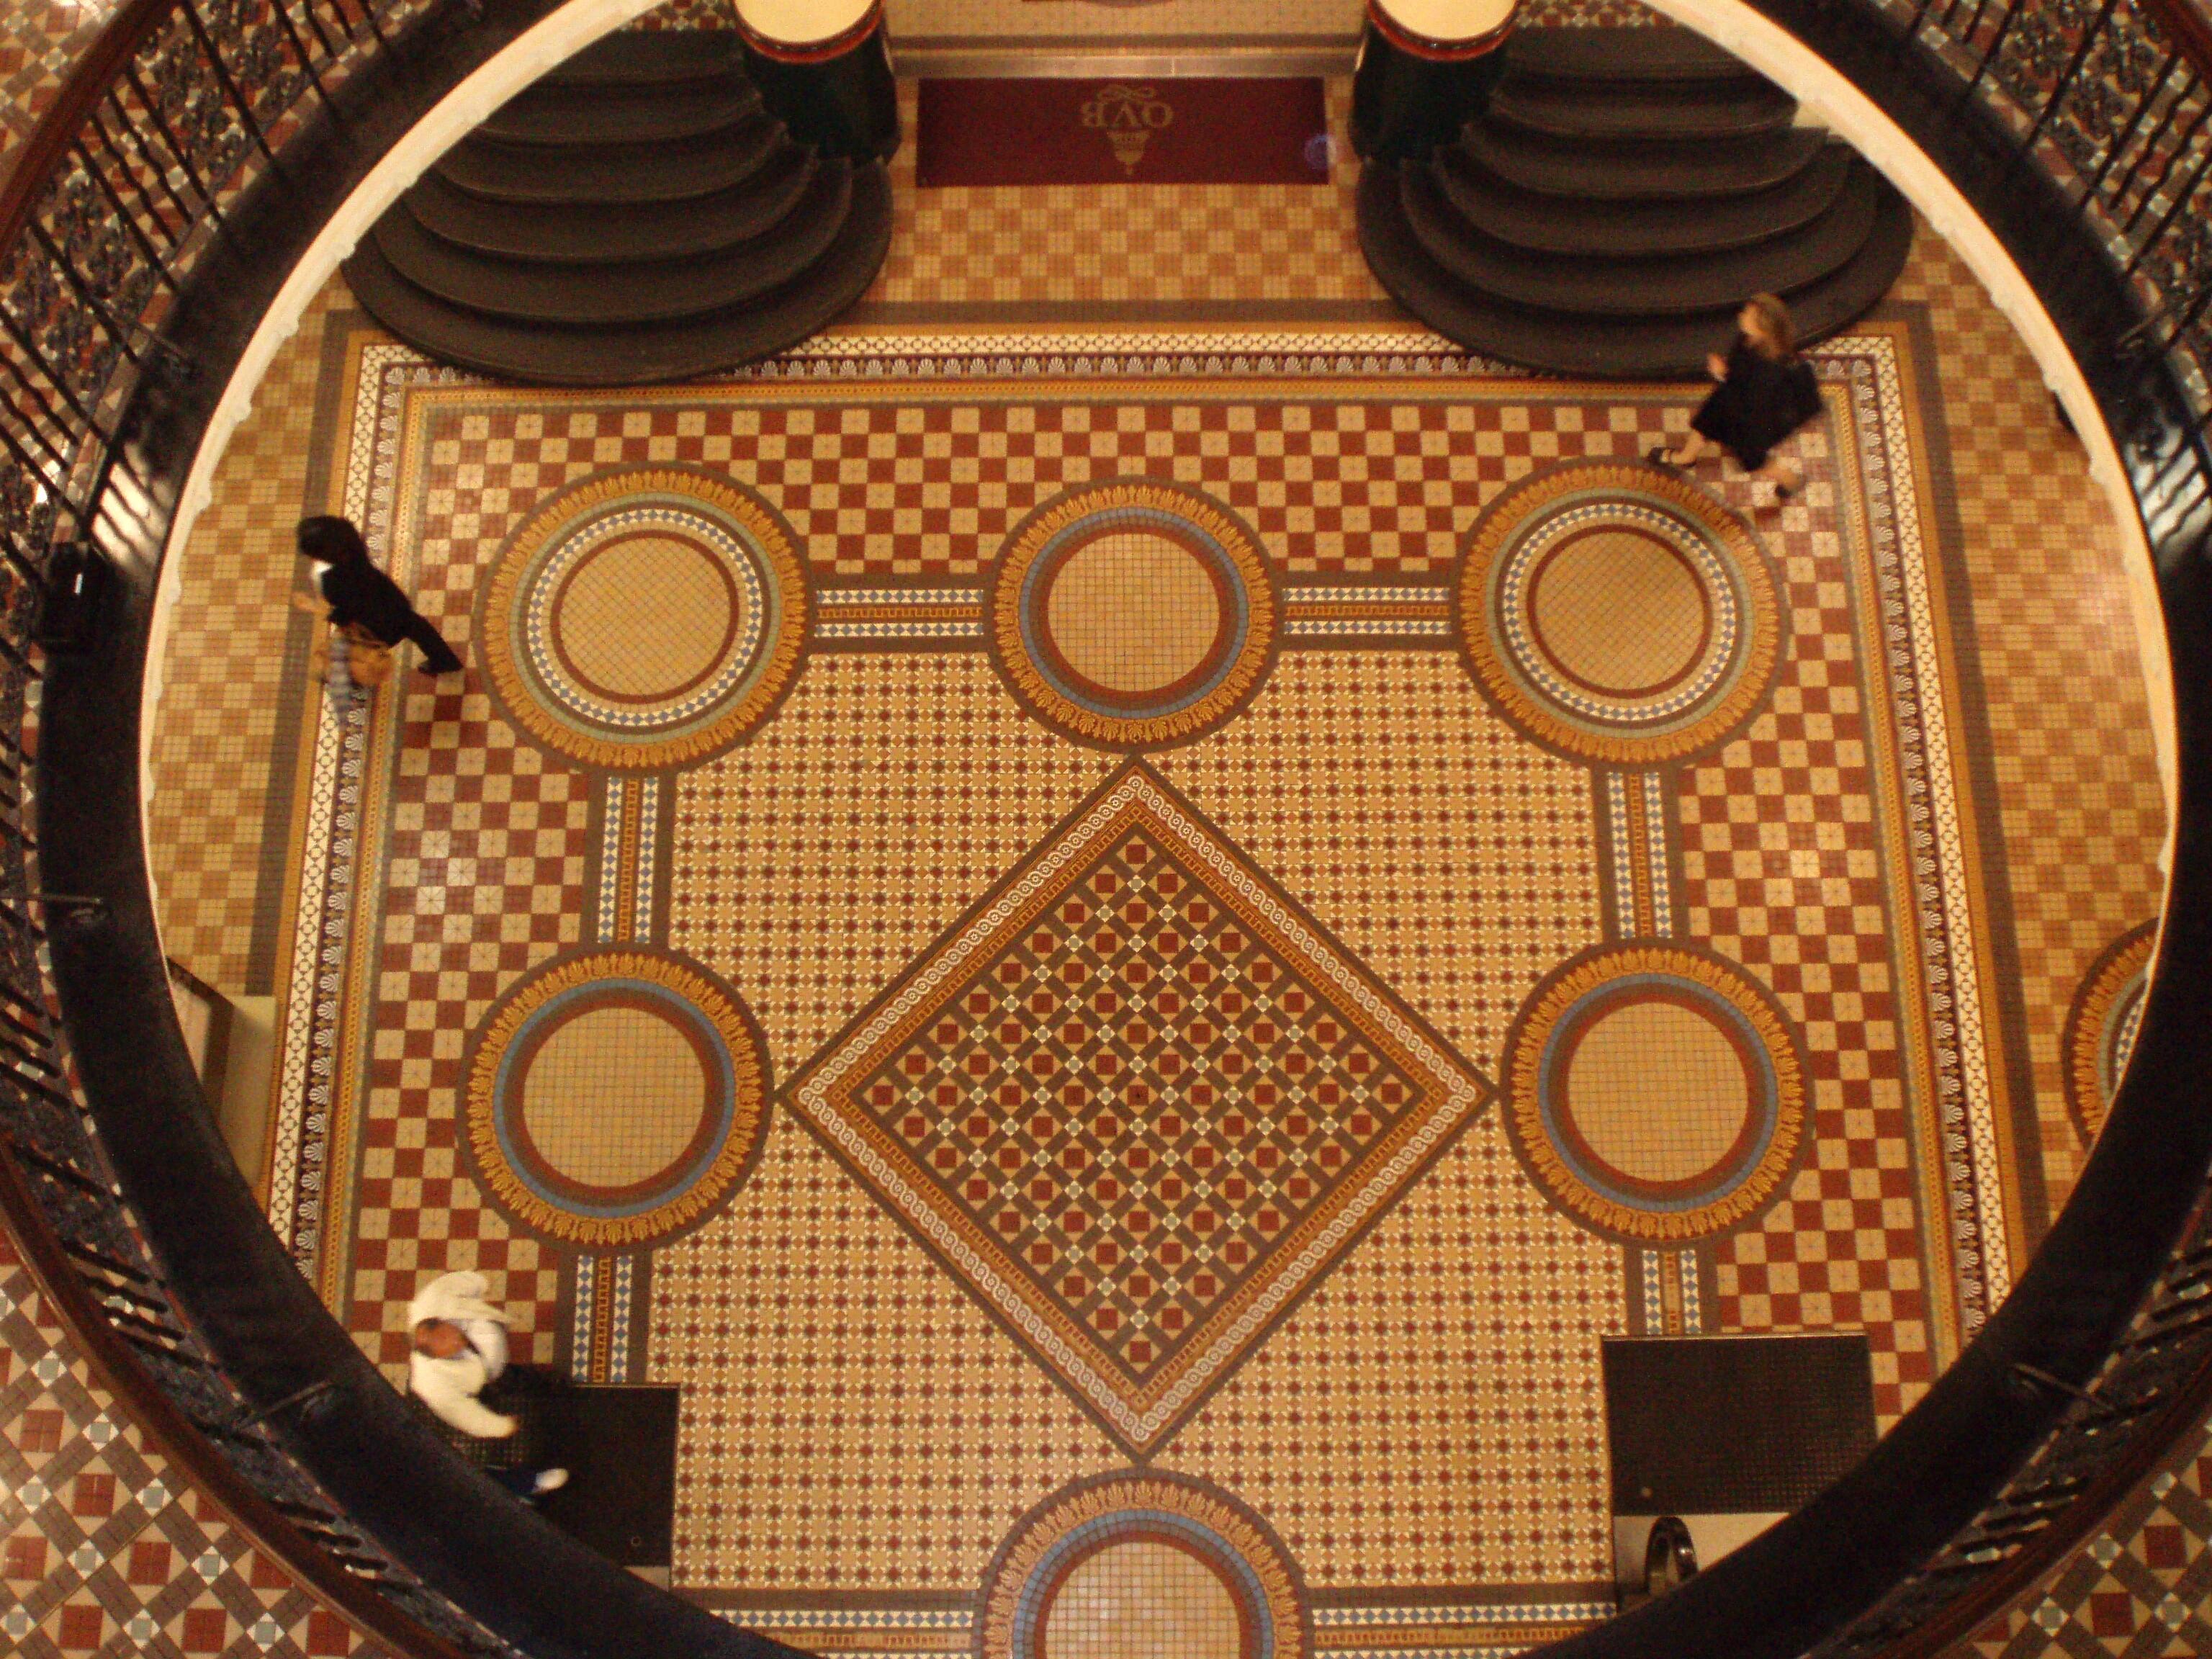 FileQVB Mosaicjpg Wikipedia